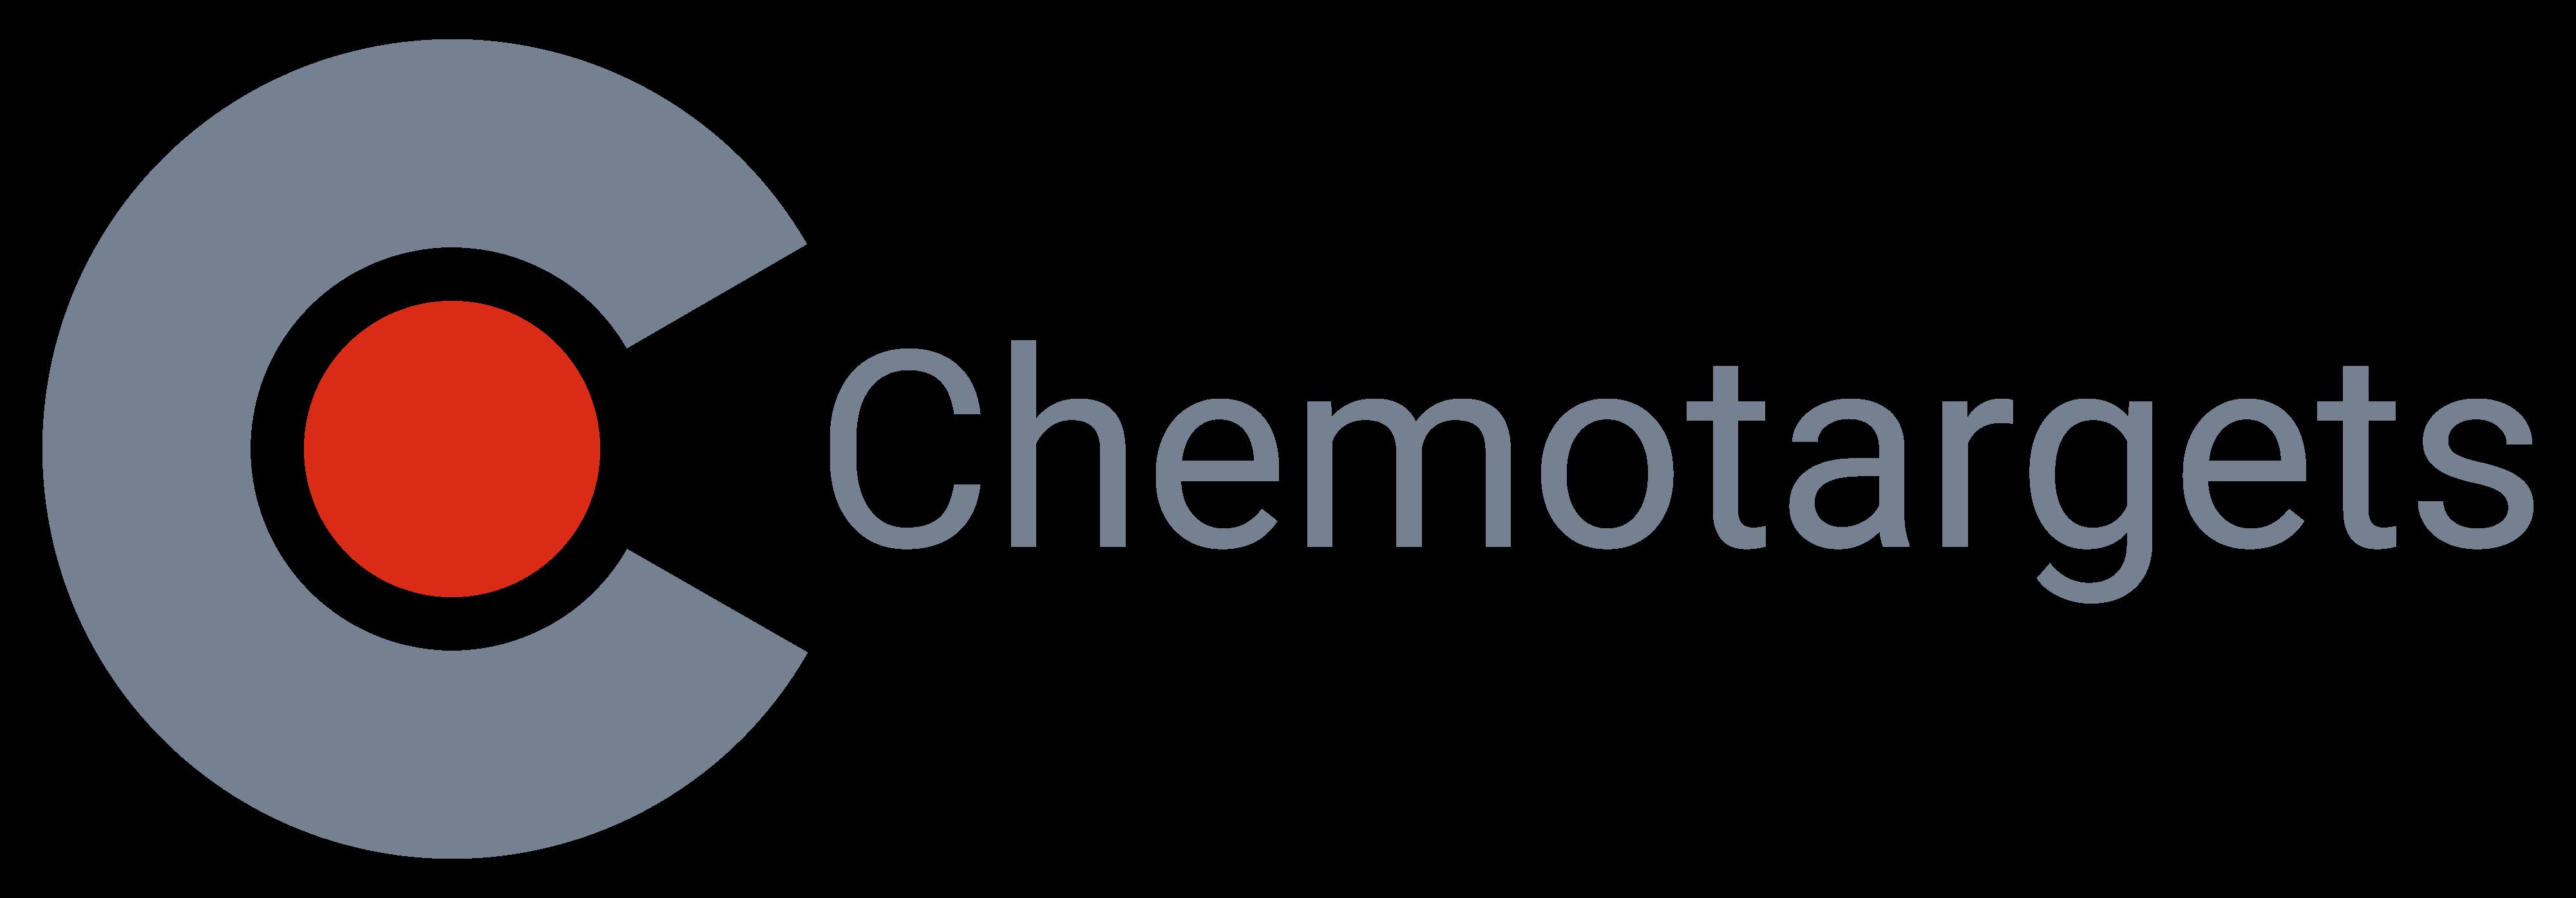 Chemotargets社